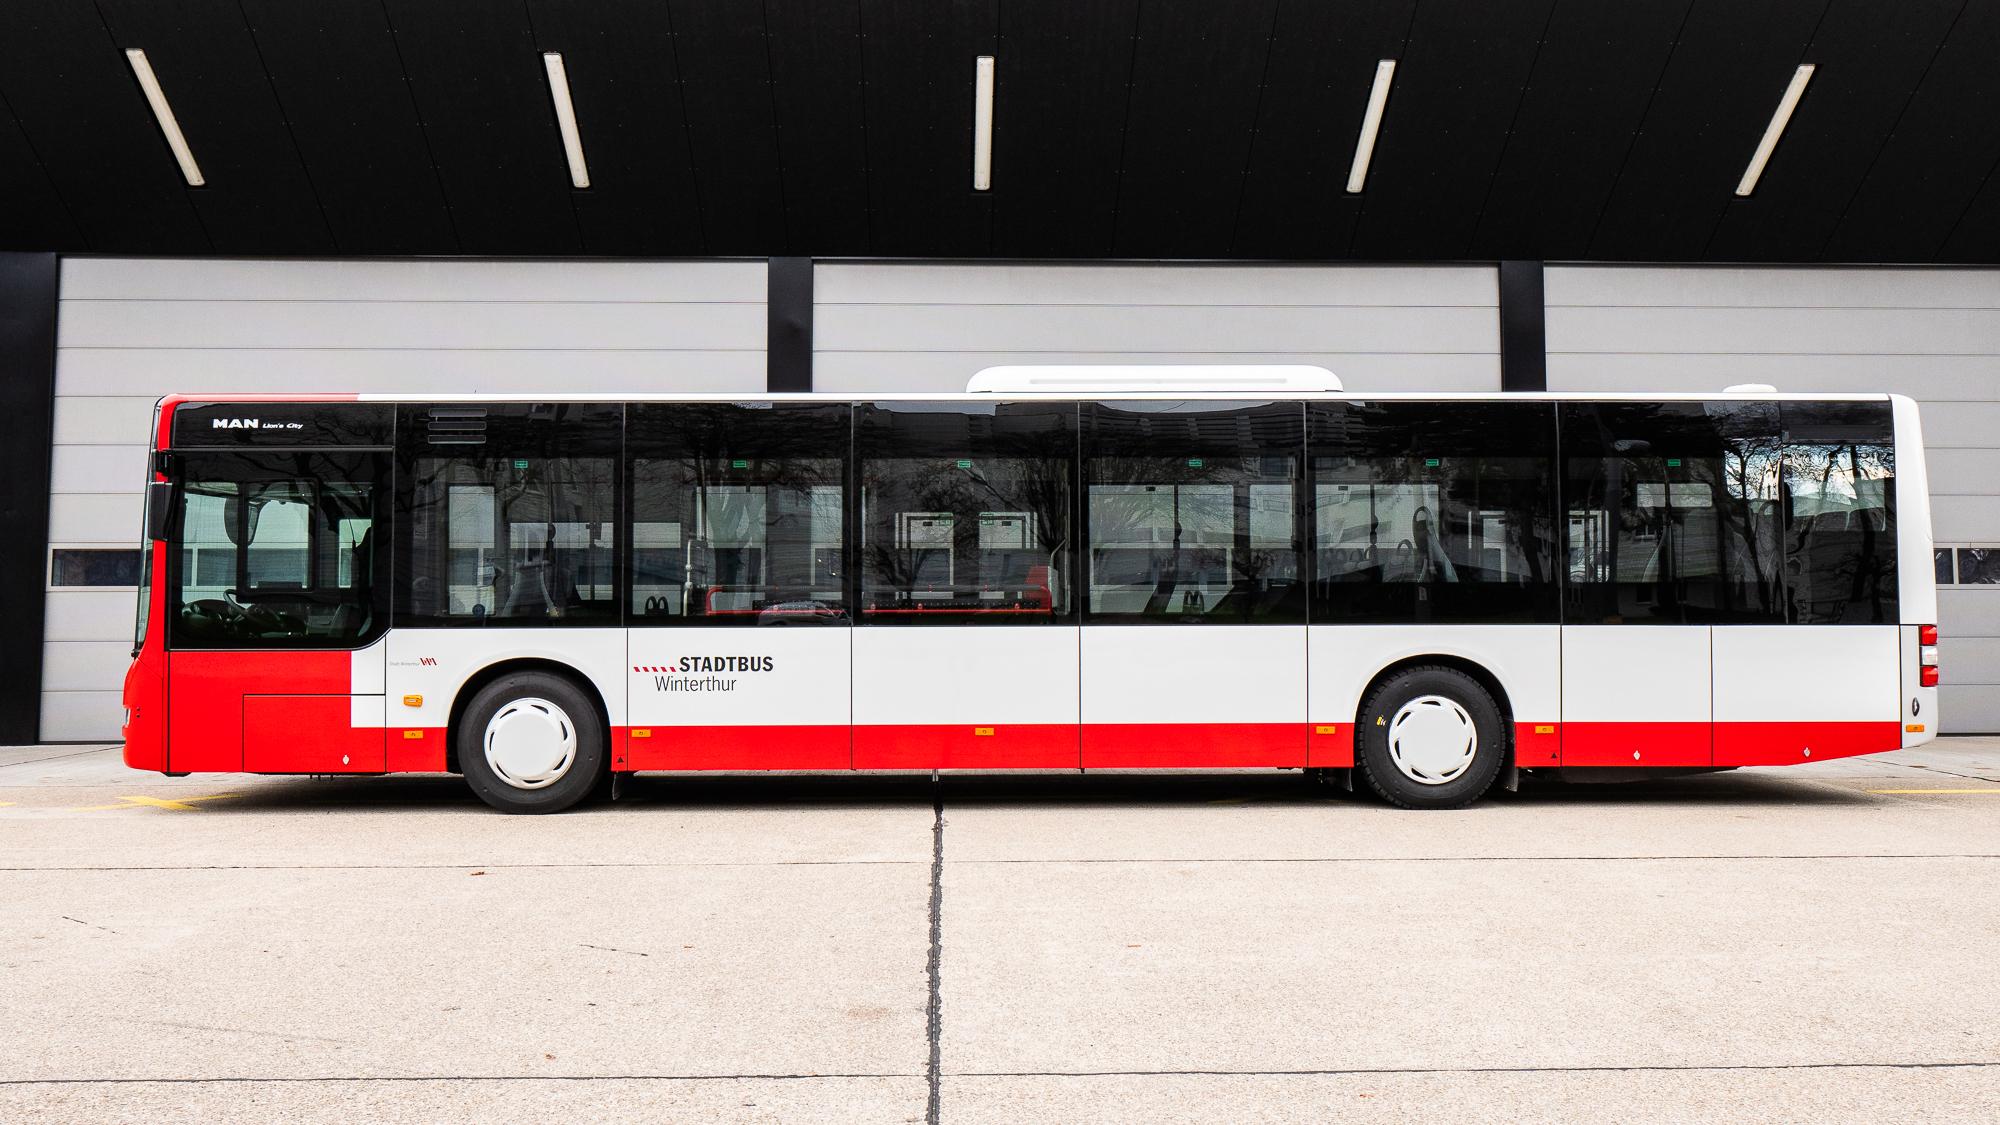 Neuer Stadtbus: Neues Erscheinungsbild